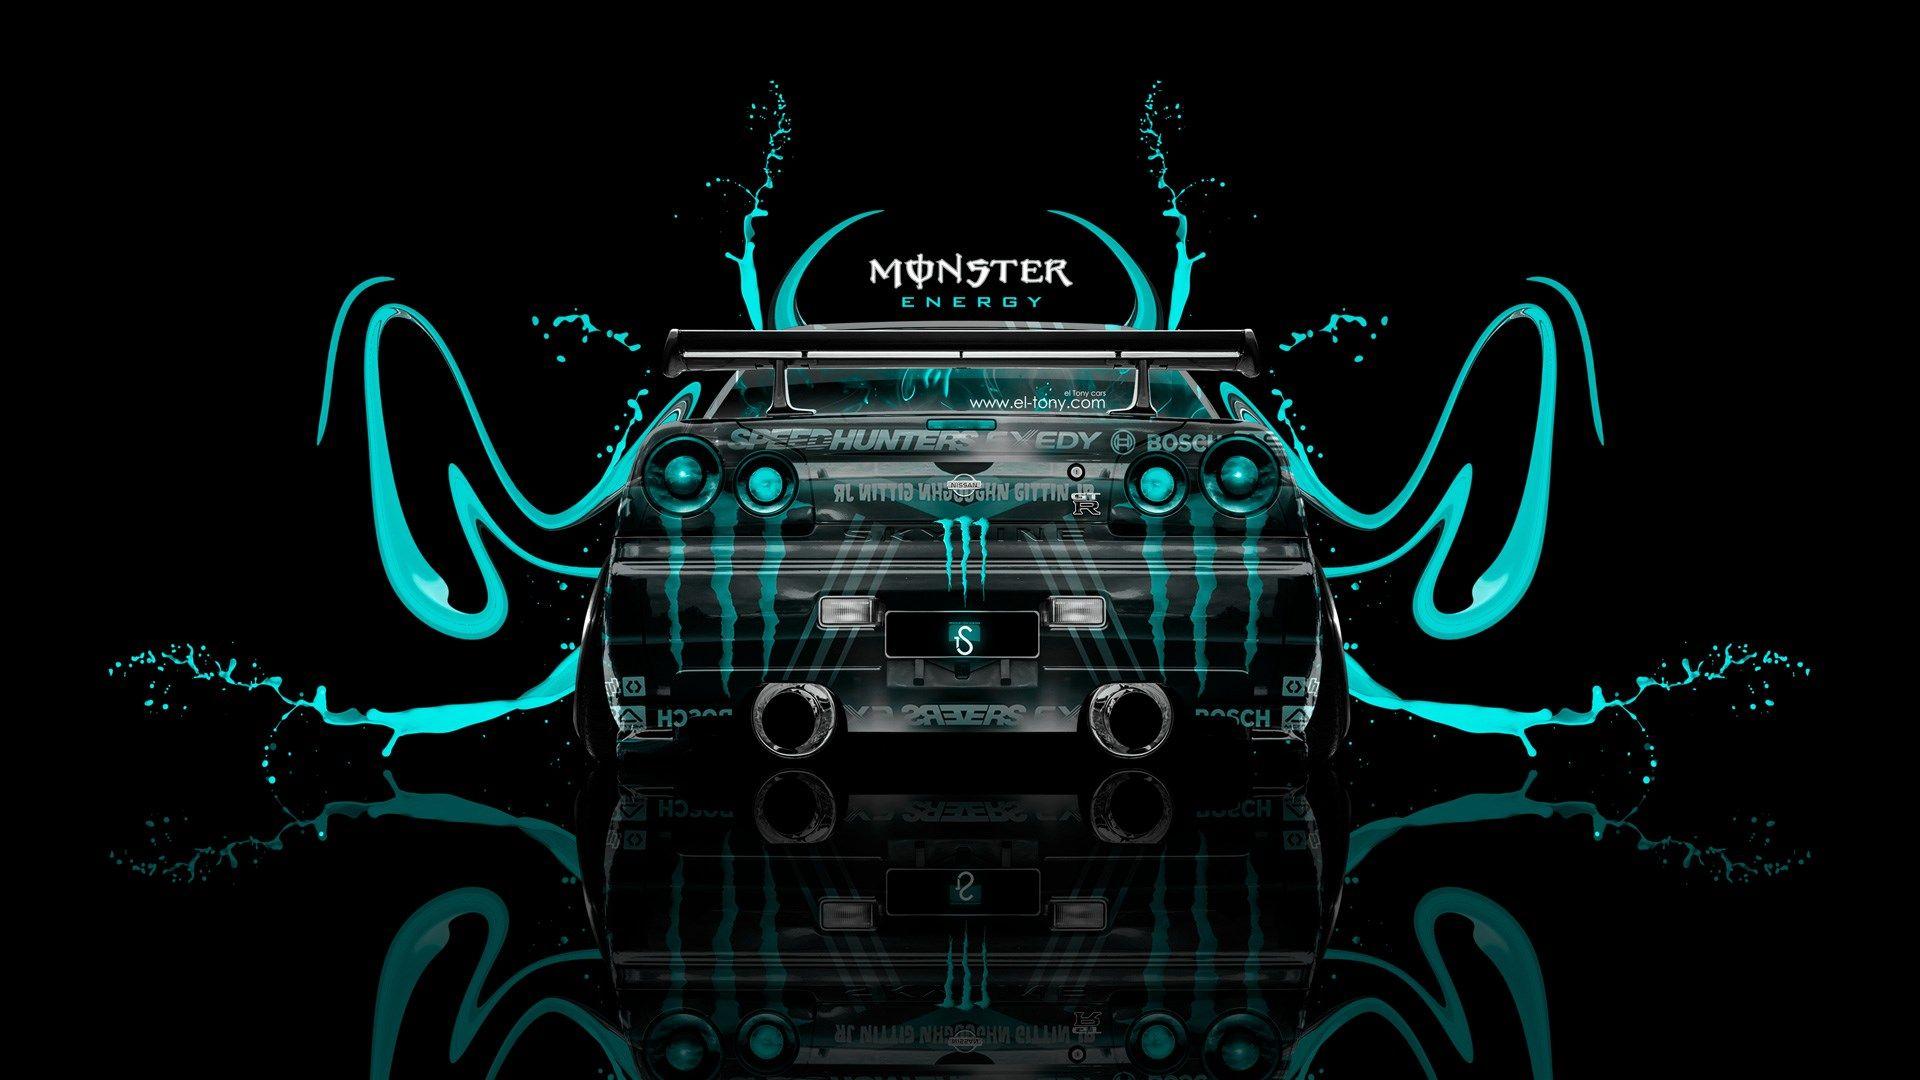 Monster Energy Wallpaper Hd Hd Wallpapers Pinterest Hd